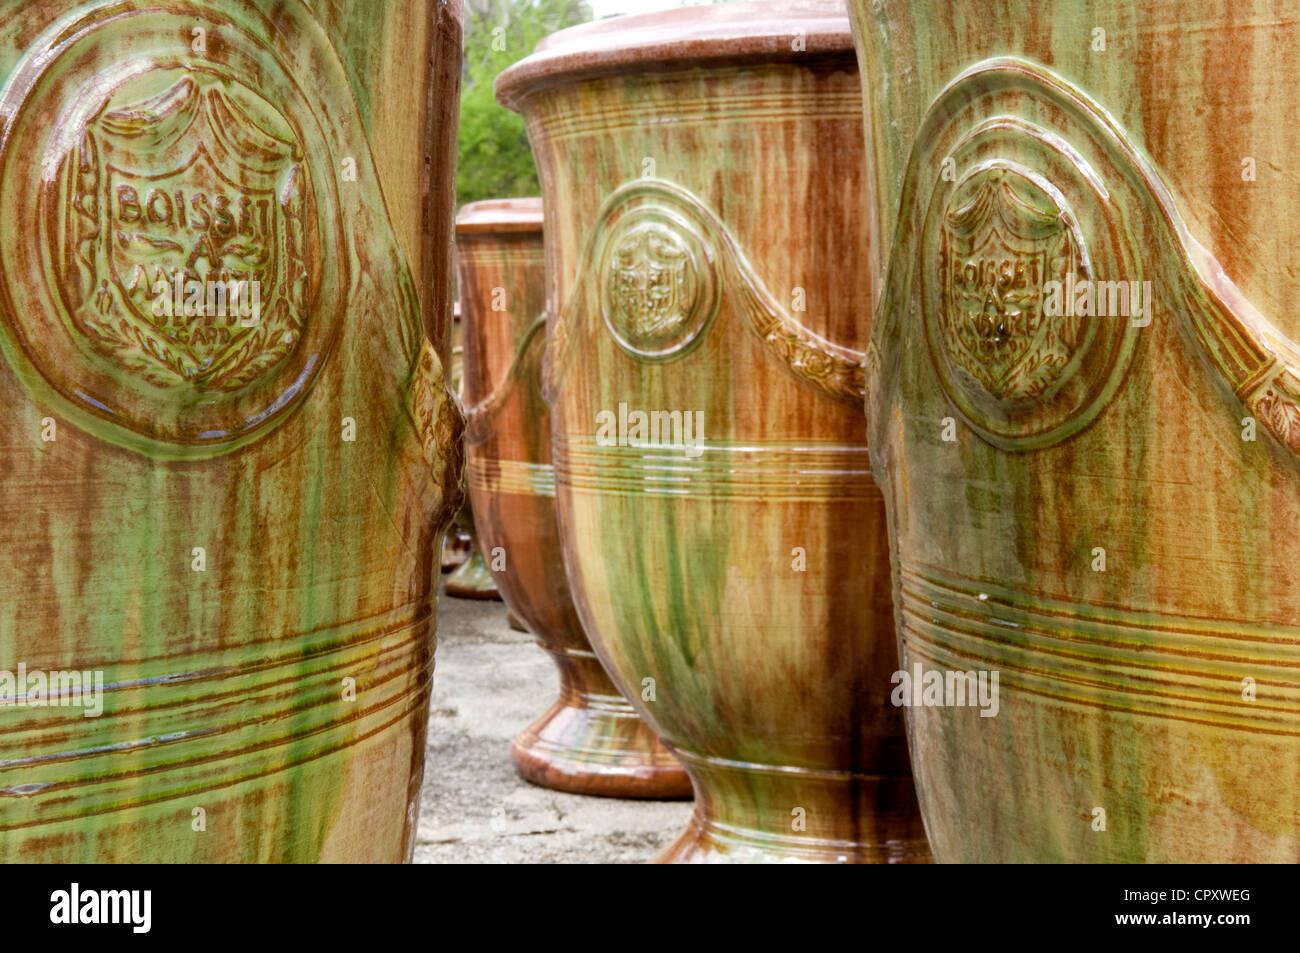 France gard anduze anduze vases les enfants de boisset pottery stock photo r - Poterie les enfants de boisset ...